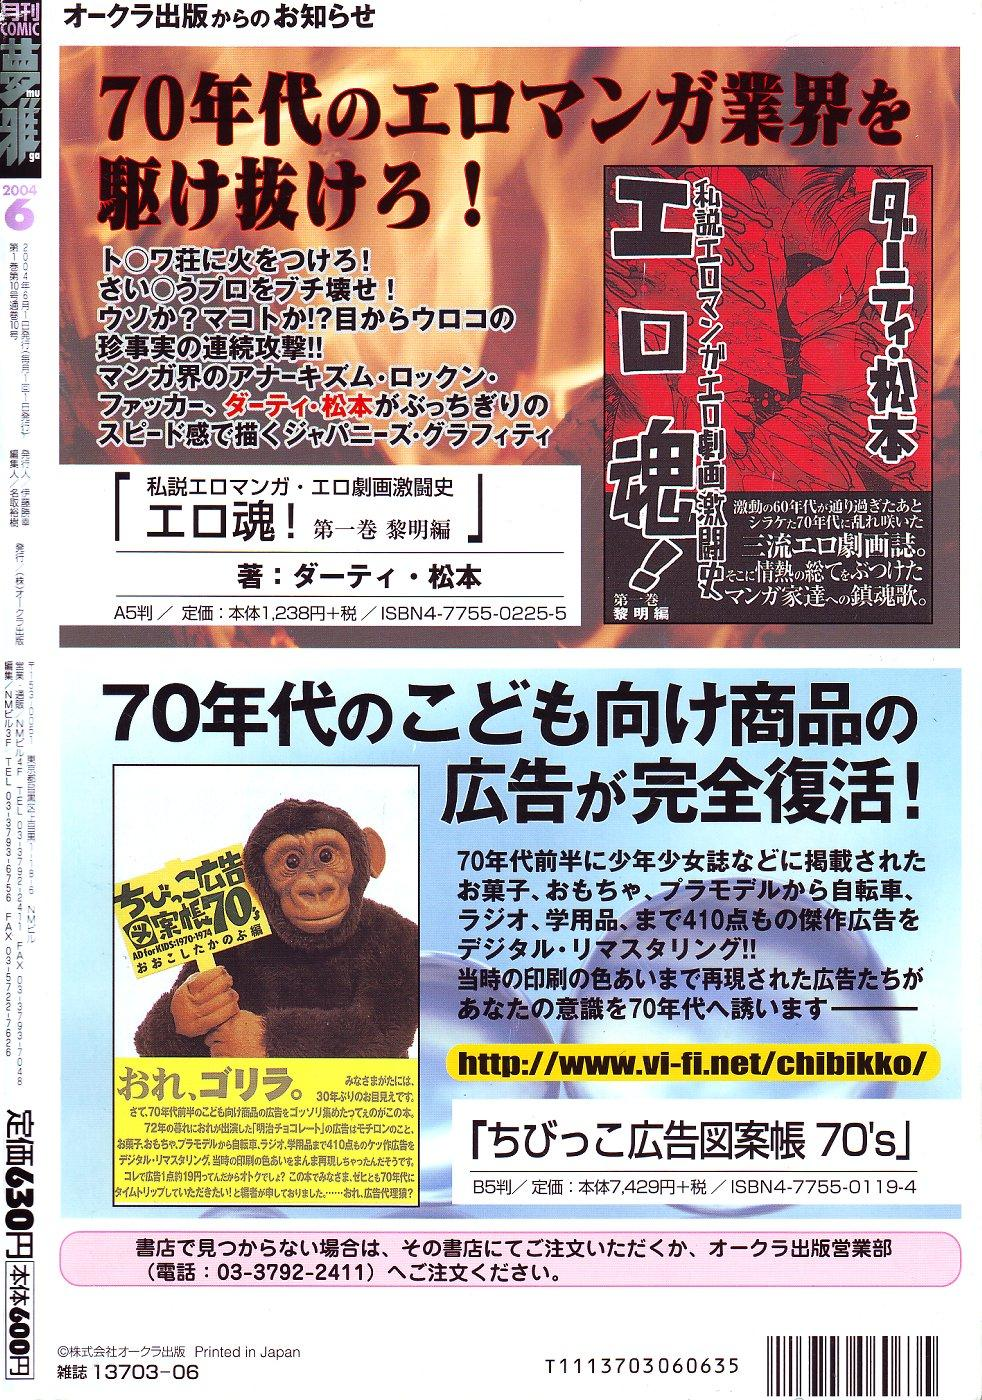 Gekkan Comic Muga 2004-06 Vol.10 435